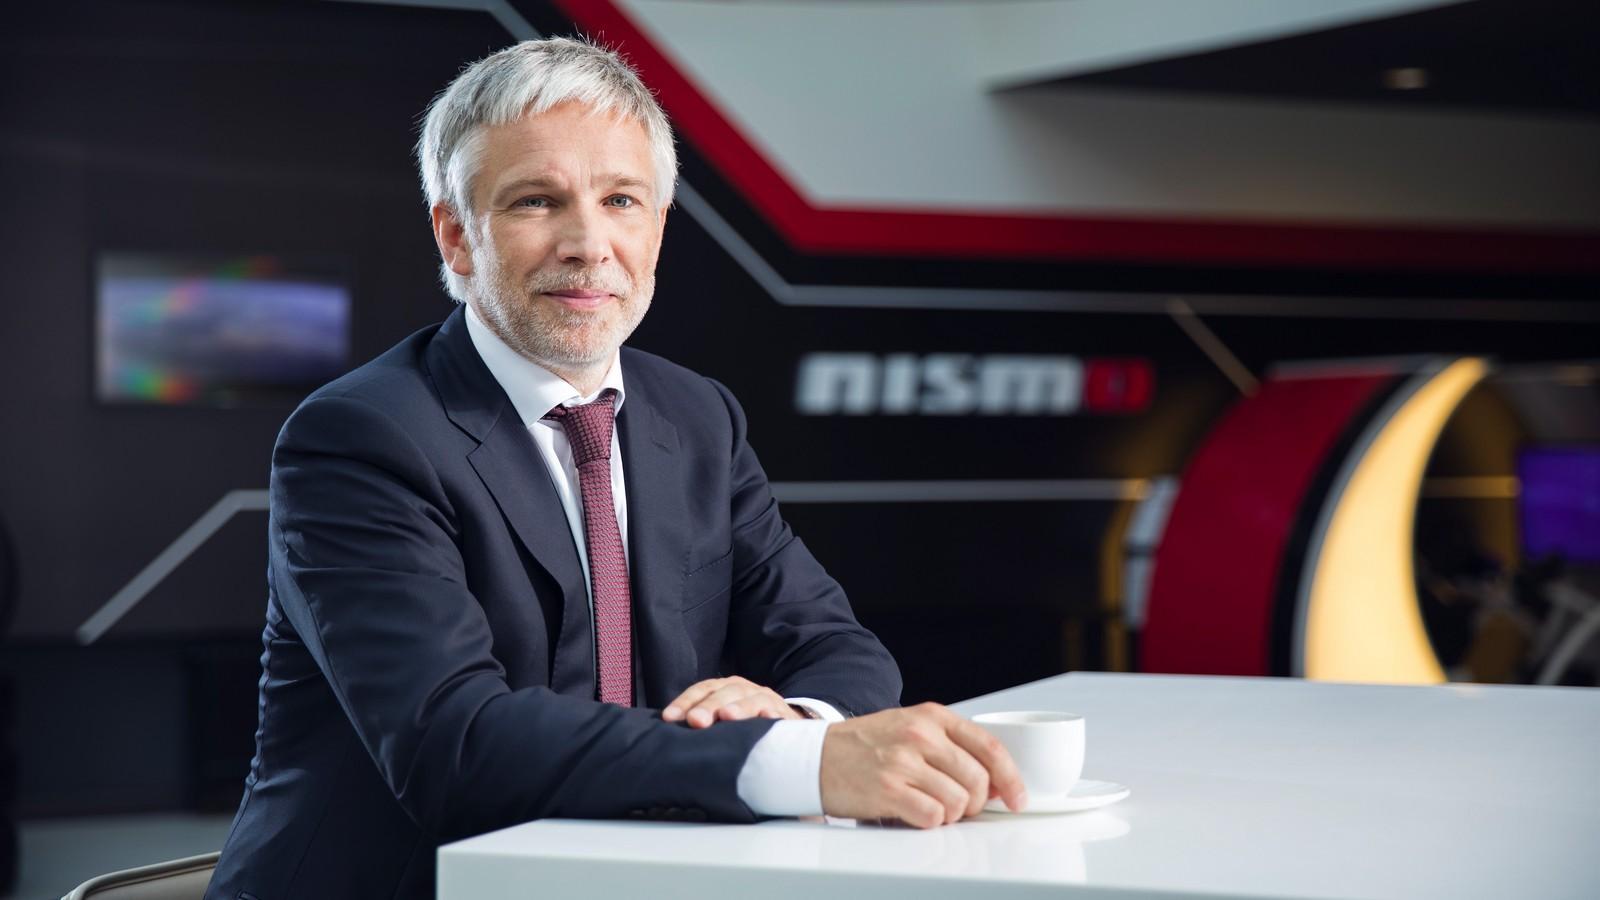 Андрей Акифьев, Глава Nissan в России